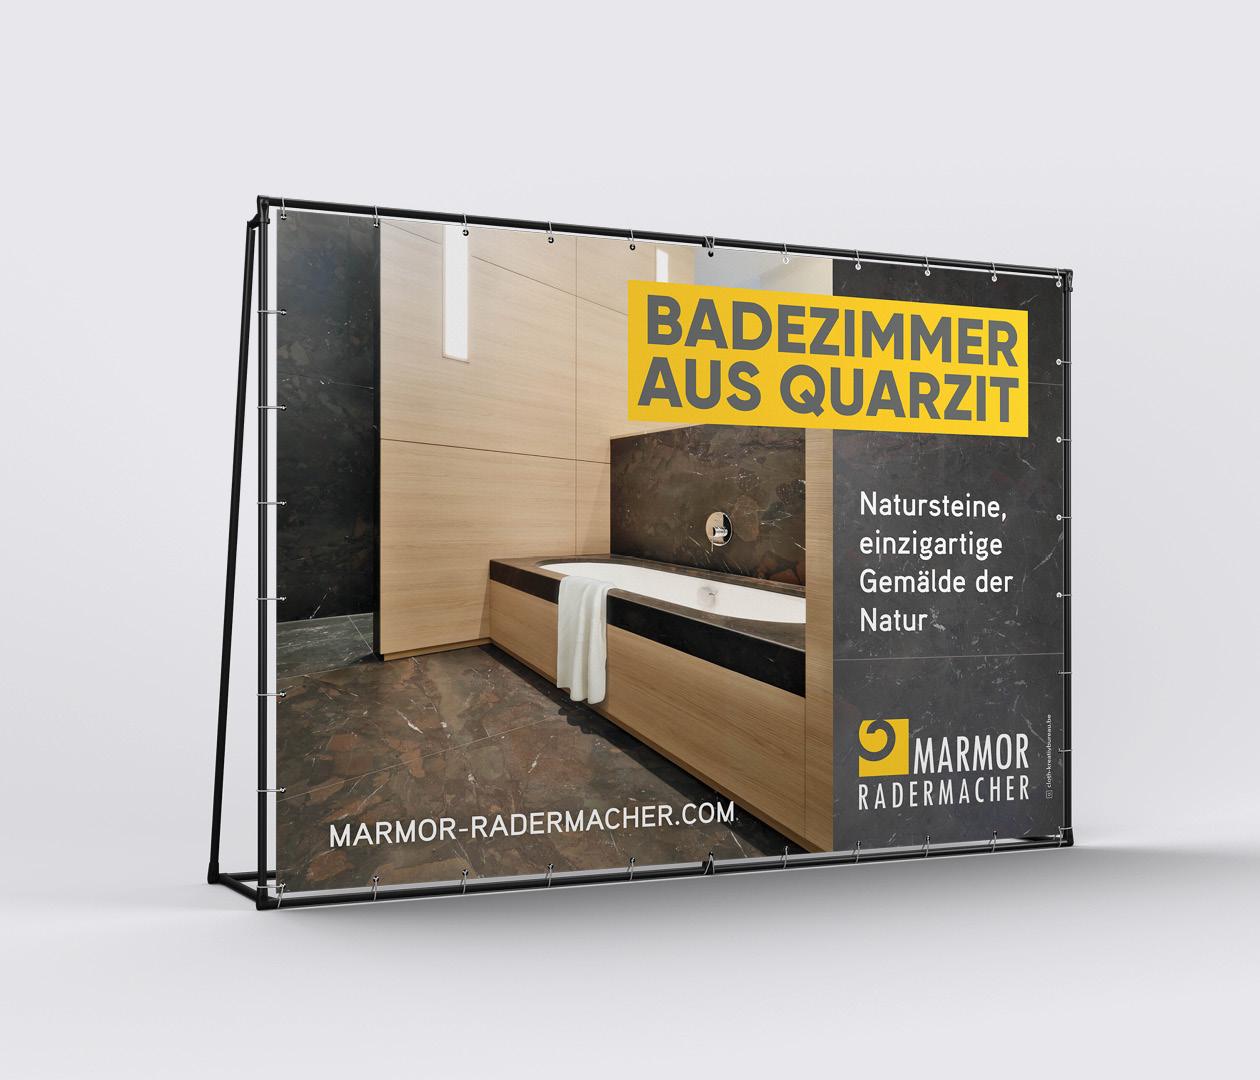 Marmor Radermacher Anhänger Banner